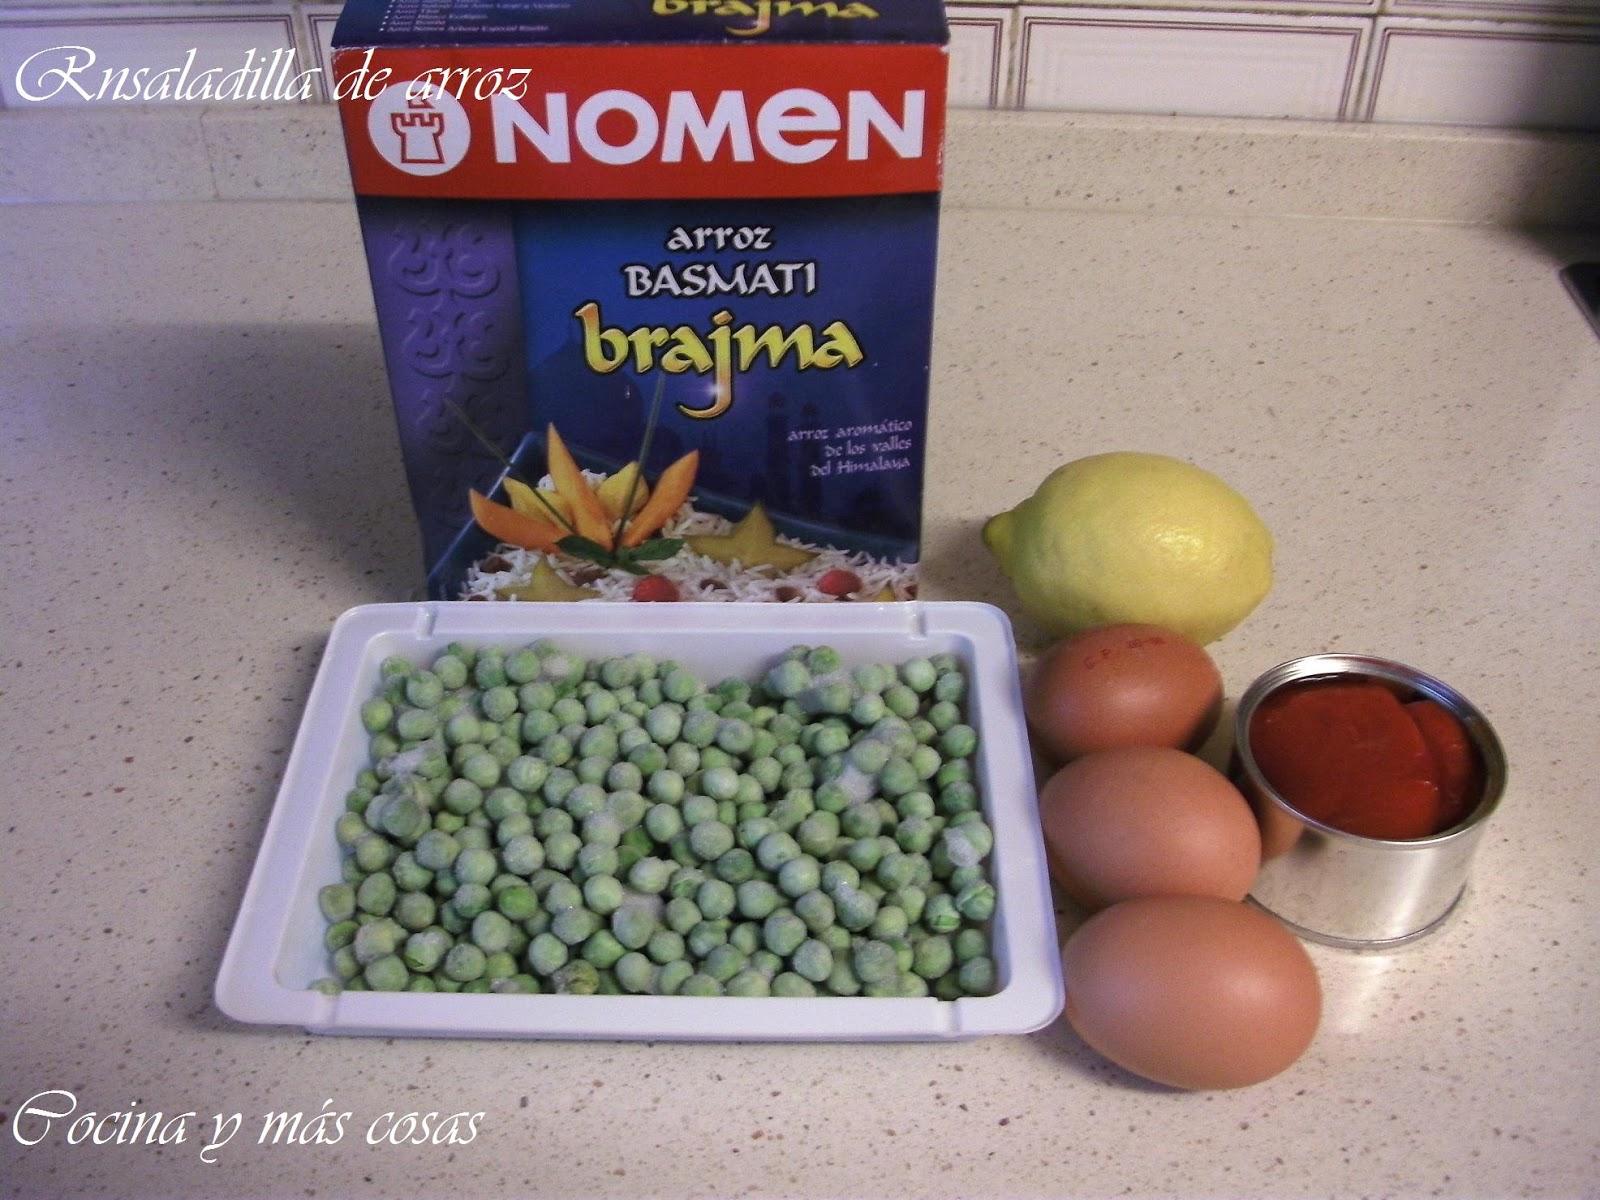 Cocina y m s cosas ensalada de arroz - Cosas de cocina ...